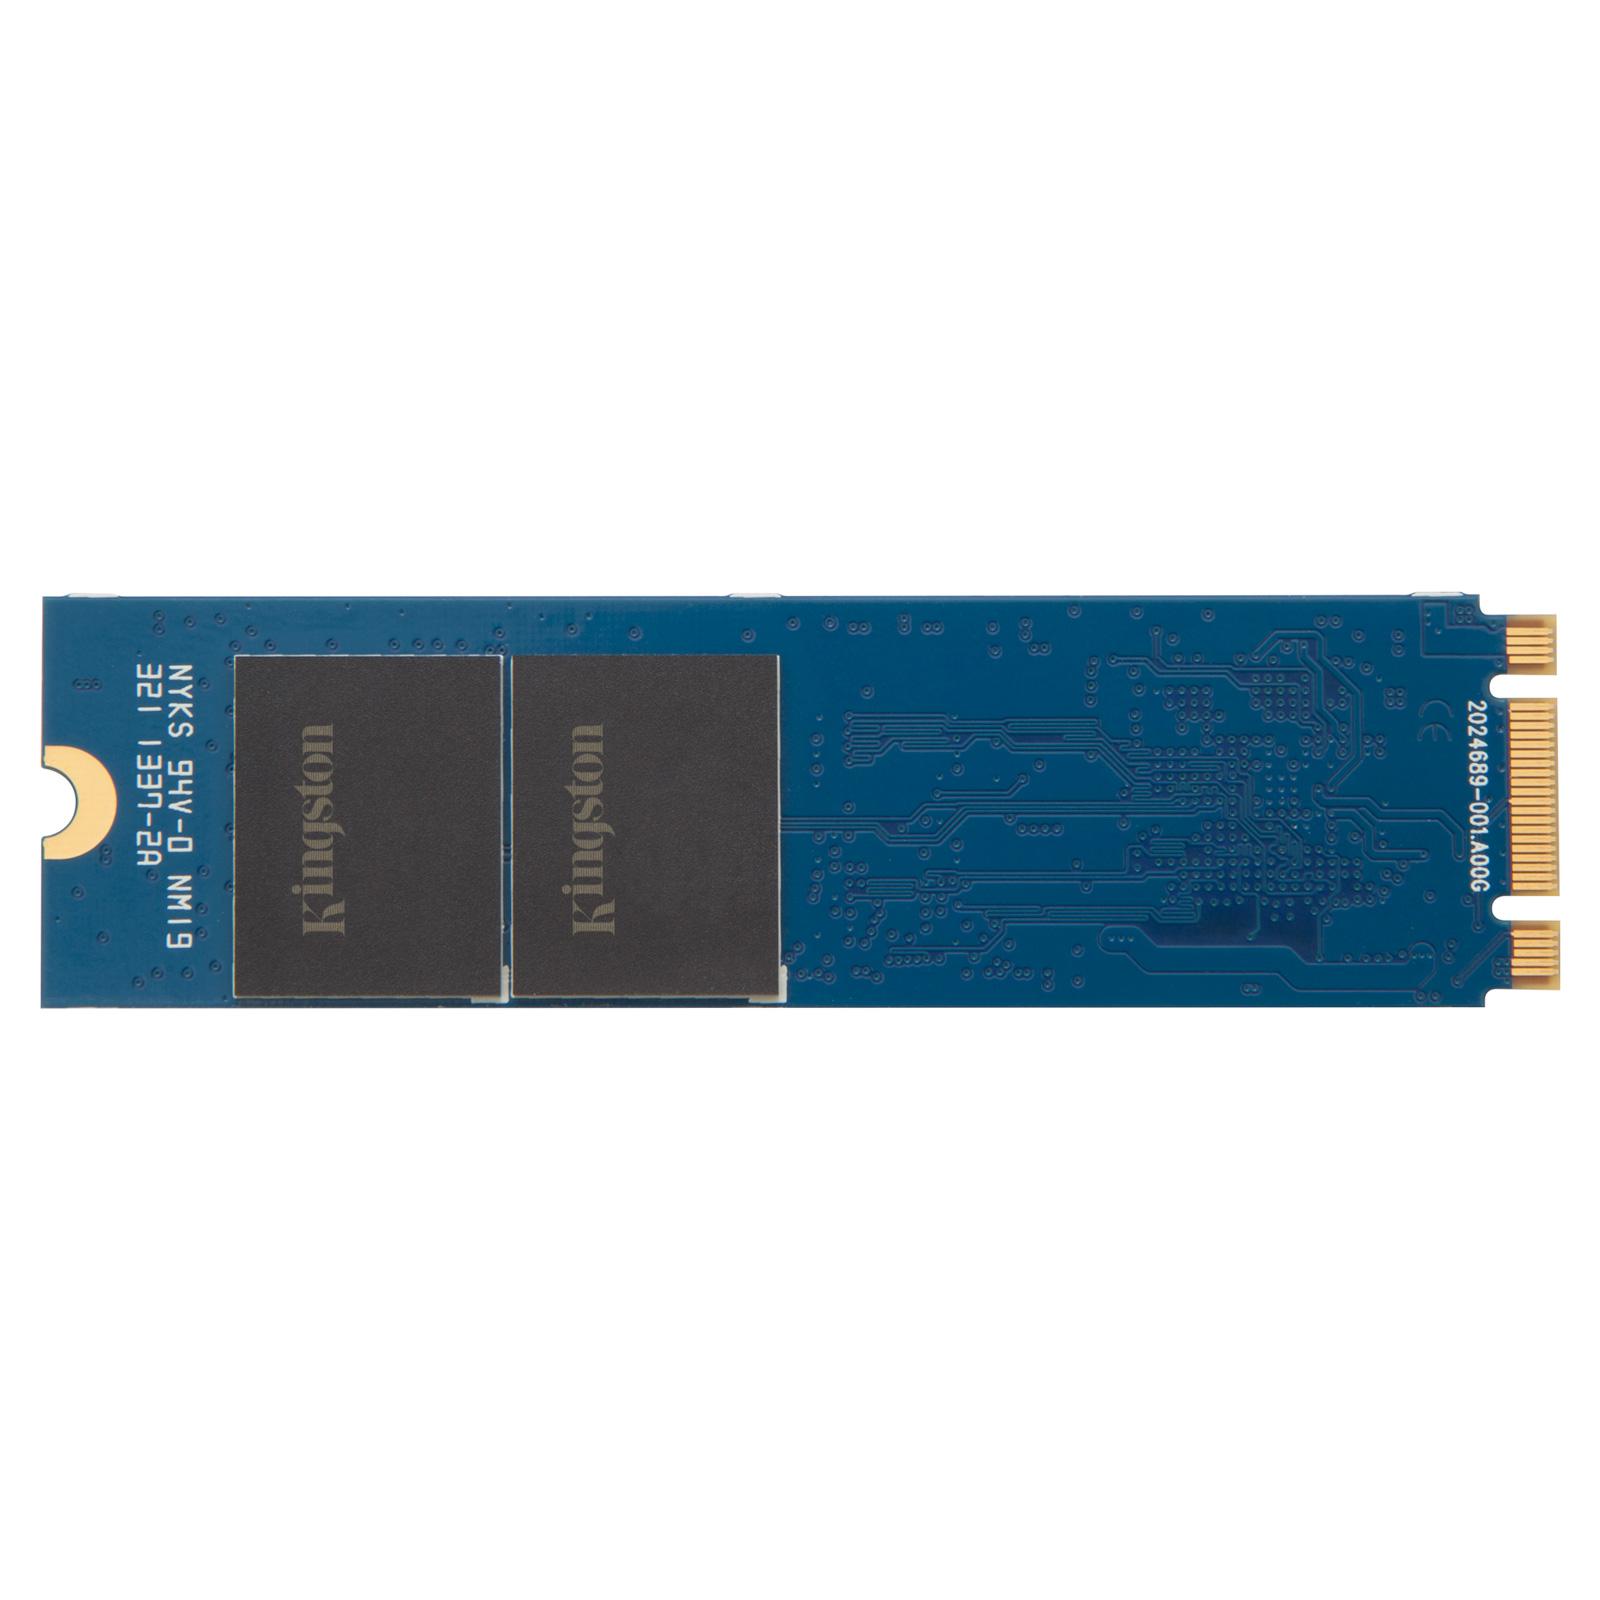 Disque dur SSD M.2 SATA Kingston 480 Go SM2280S3G2, informatique Reunion 974, Futur Réunion informatique